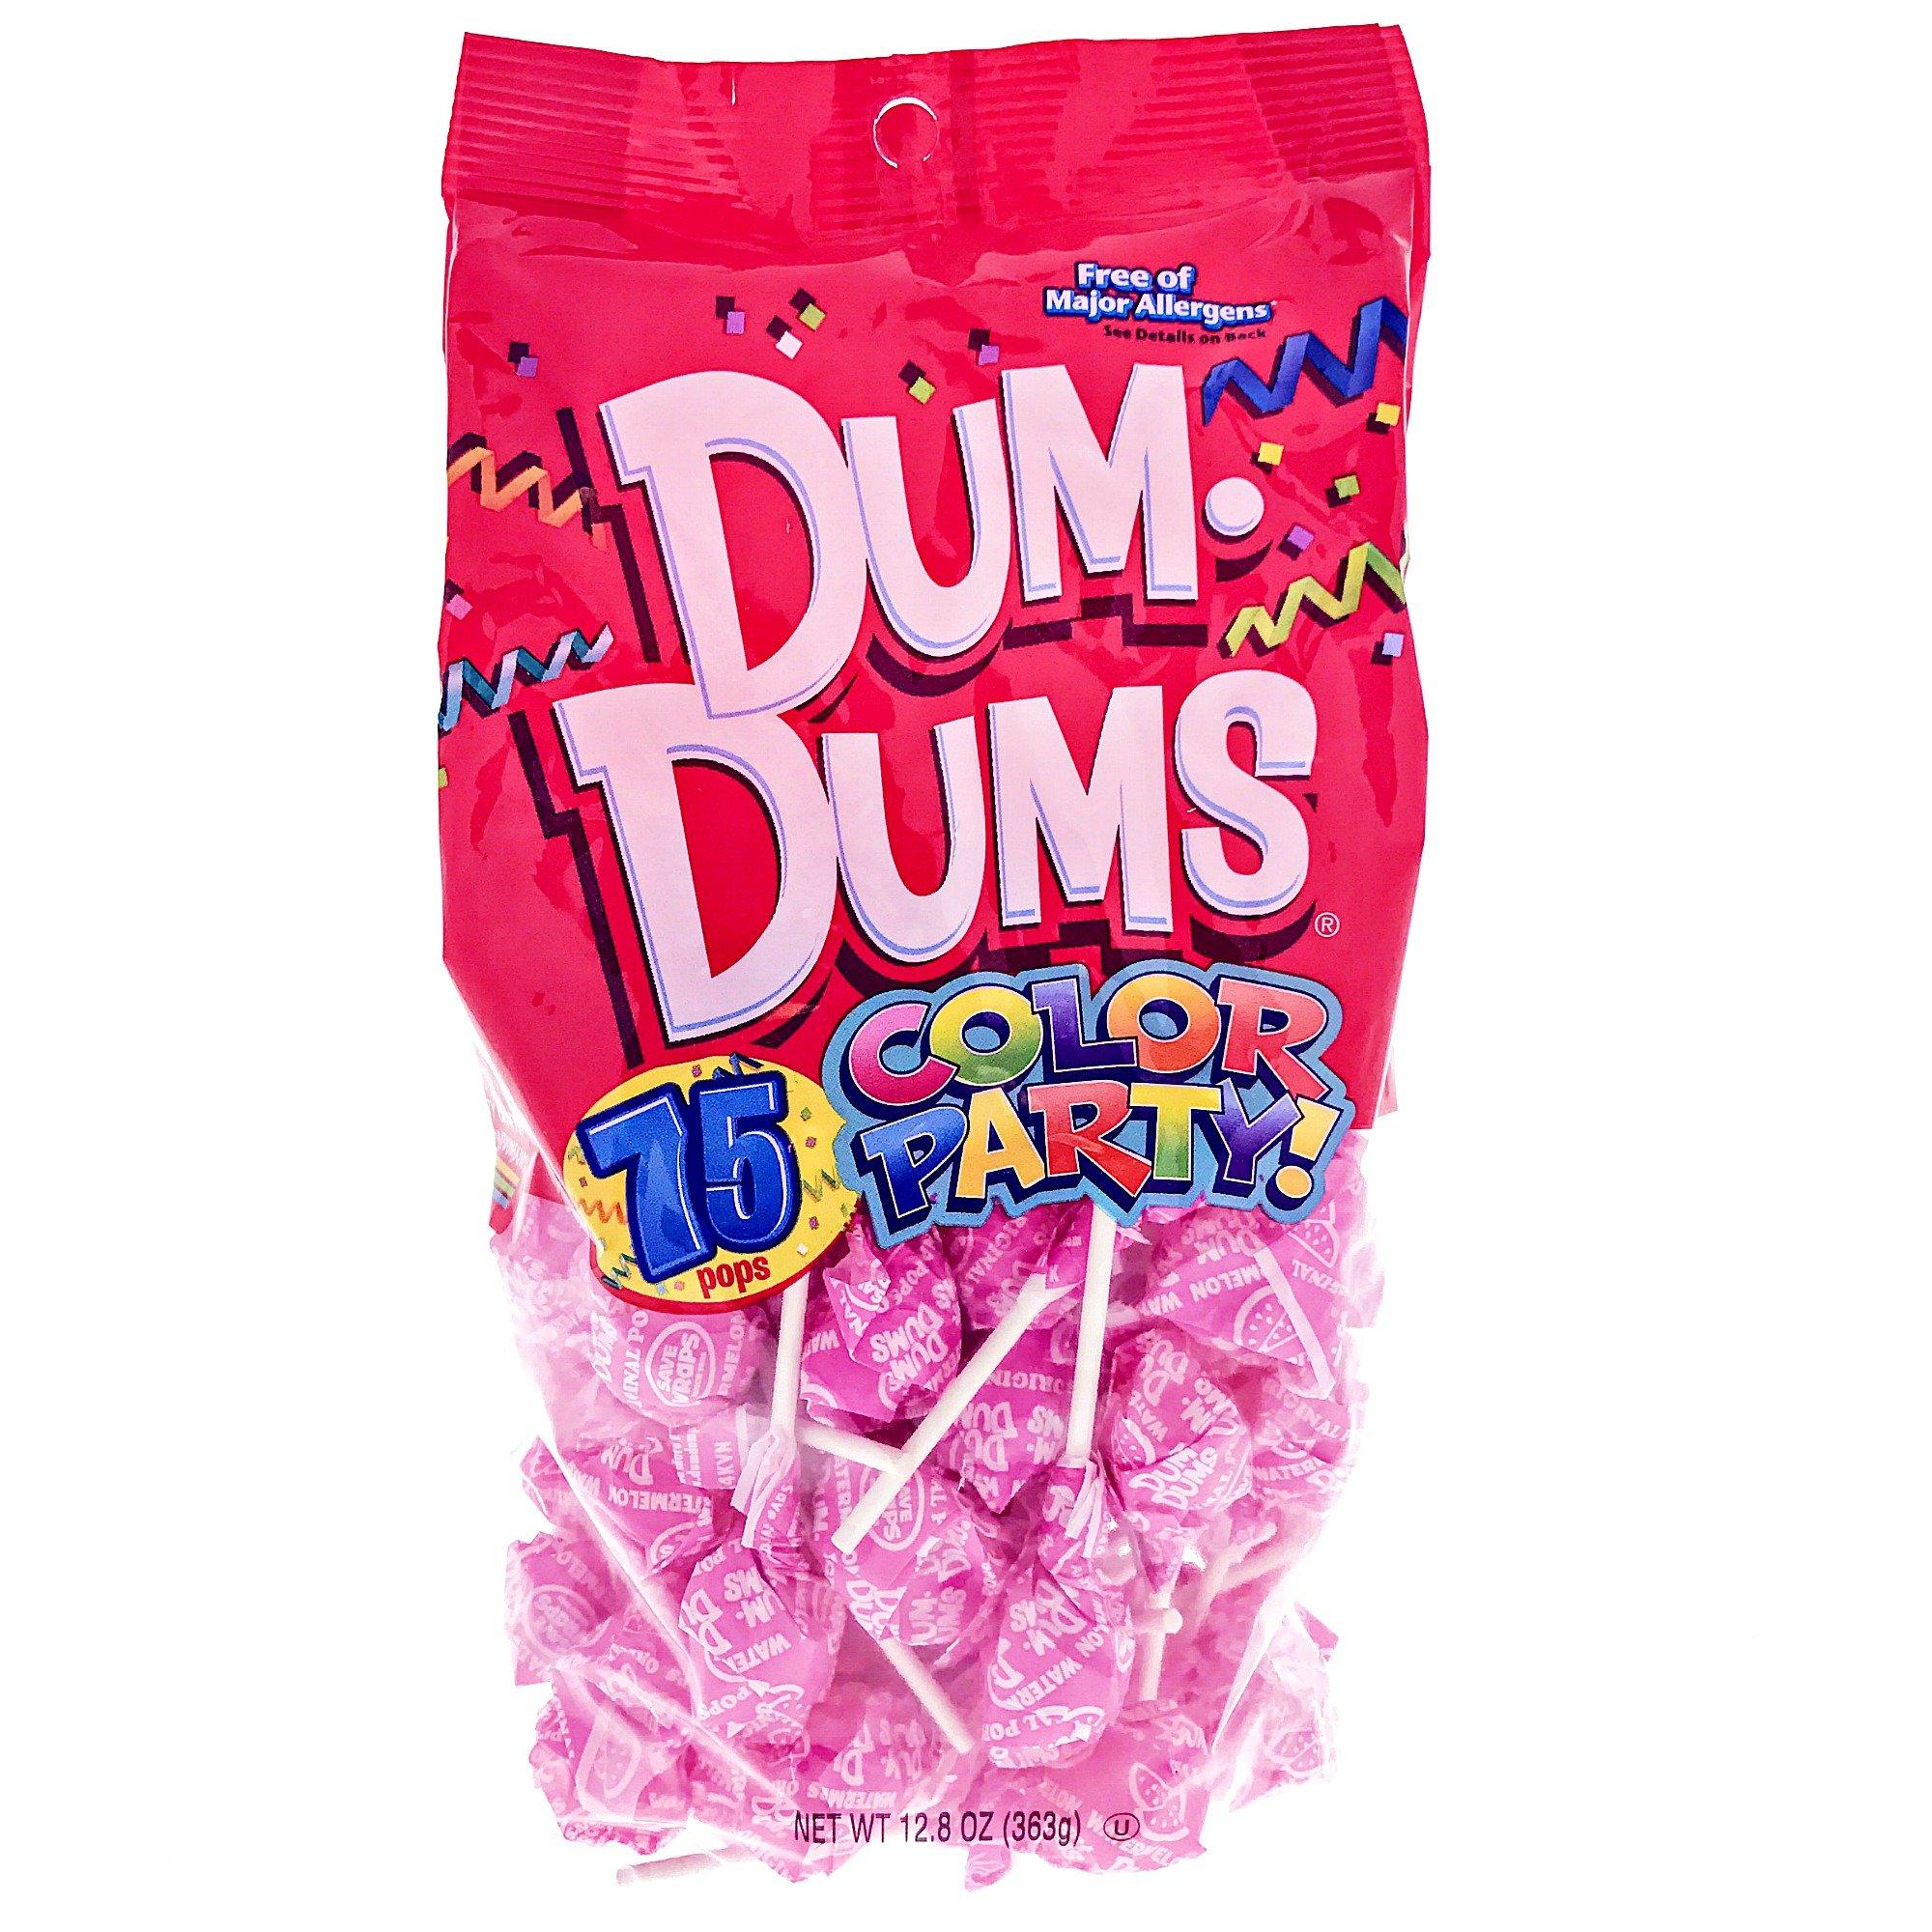 Amazon.com : Hot Pink Dum Dums Color Party - Watermelon Flavored ...